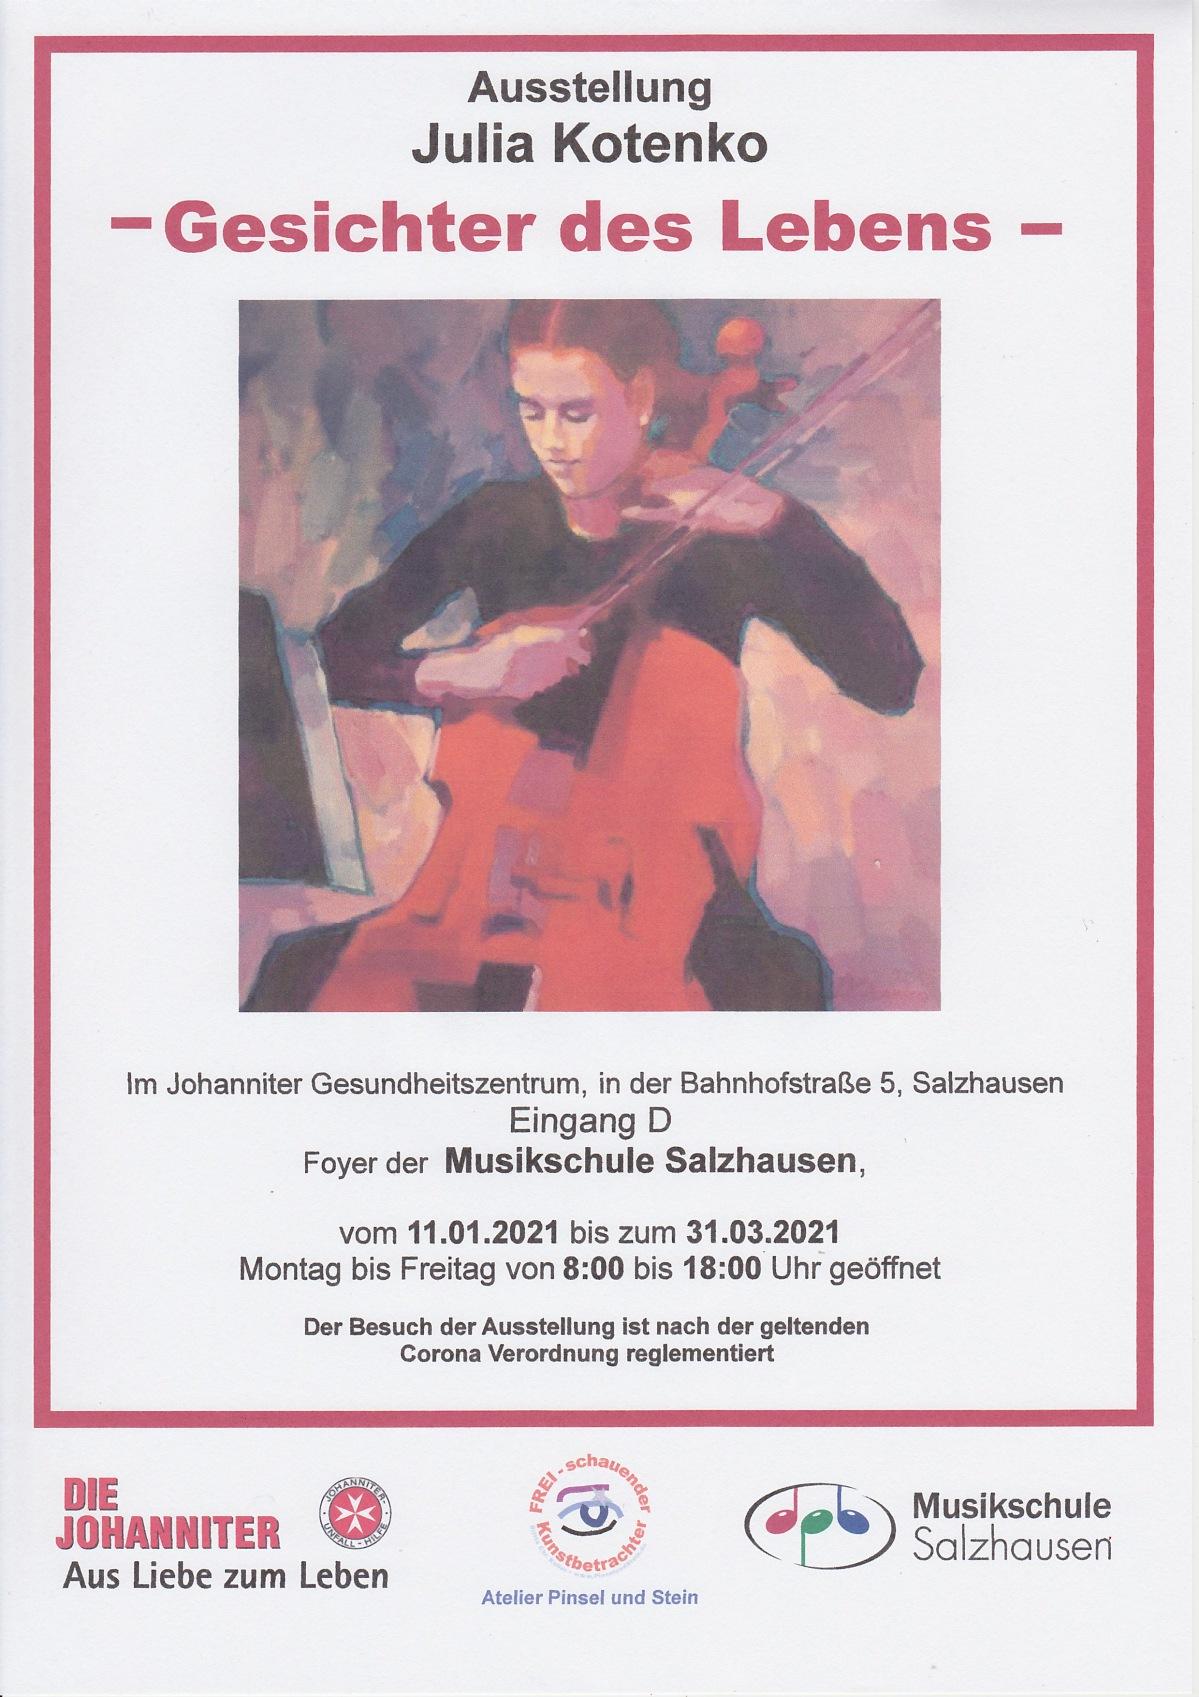 Gesichter des Lebens – Ausstellung von Julia Kotenko im Foyer der Musikschule Salzhausen bis31.03.2021